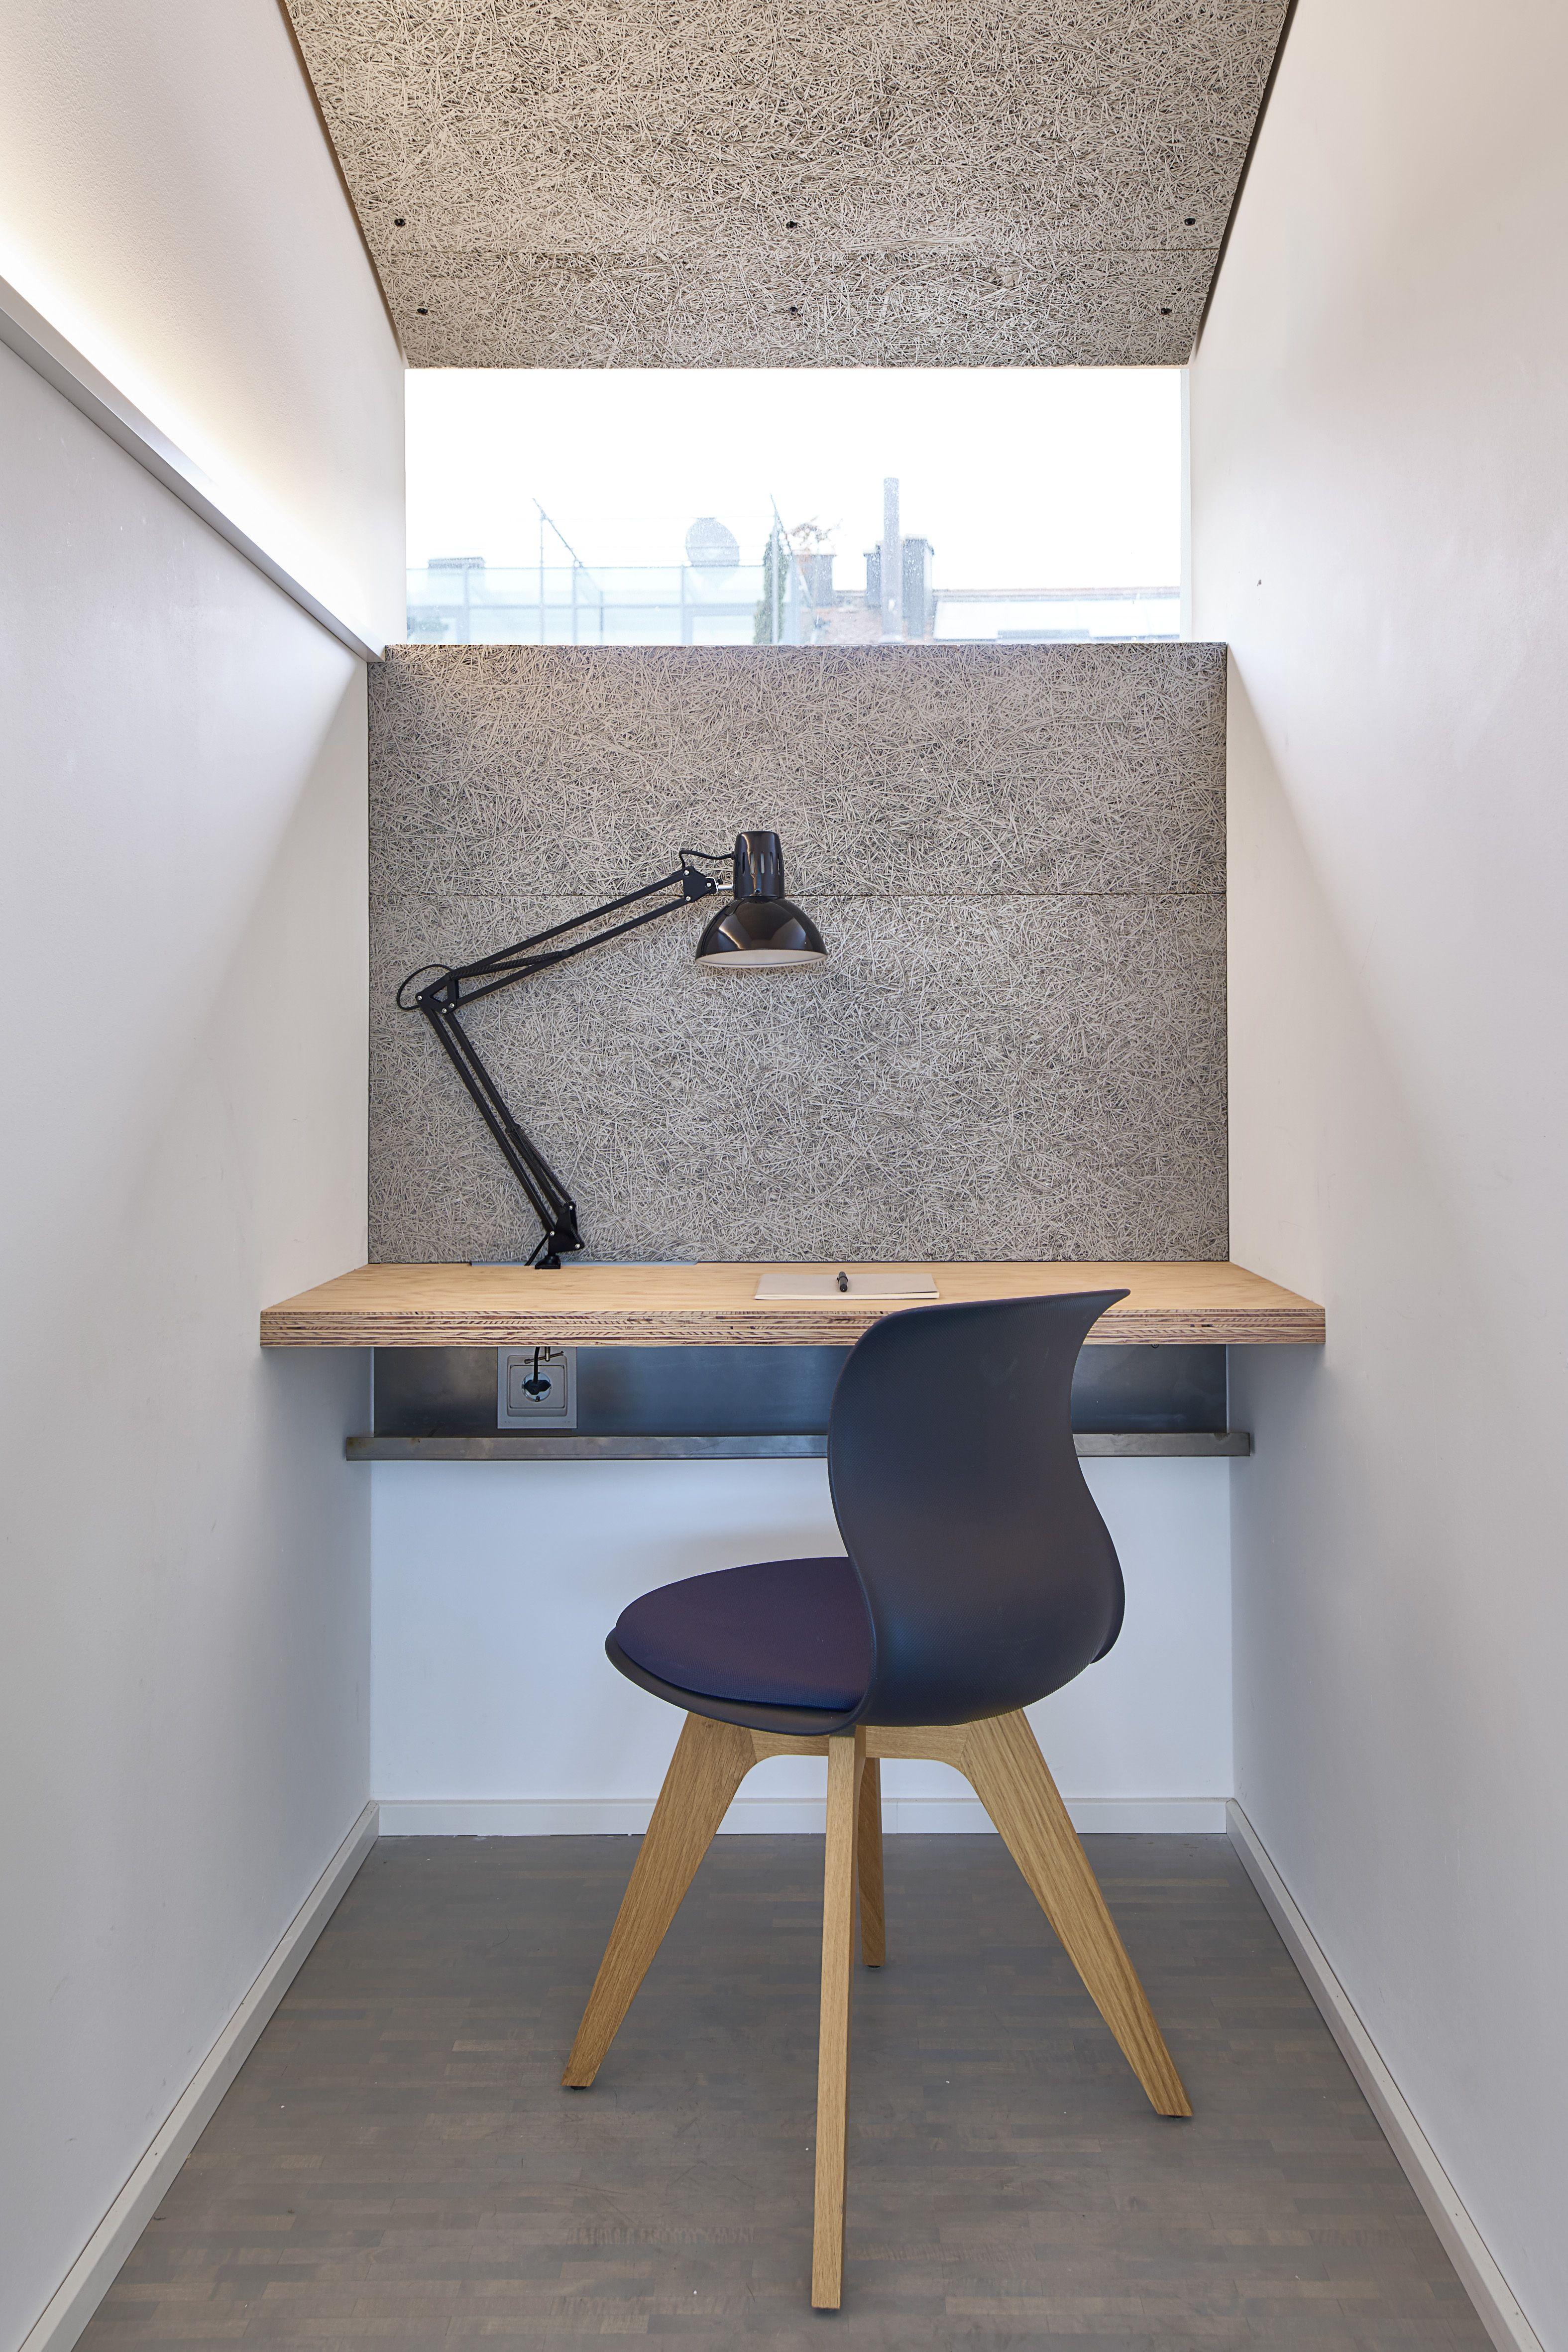 die besten 25 akustik elemente ideen auf pinterest diy verst rker lautsprecherverst rker und. Black Bedroom Furniture Sets. Home Design Ideas